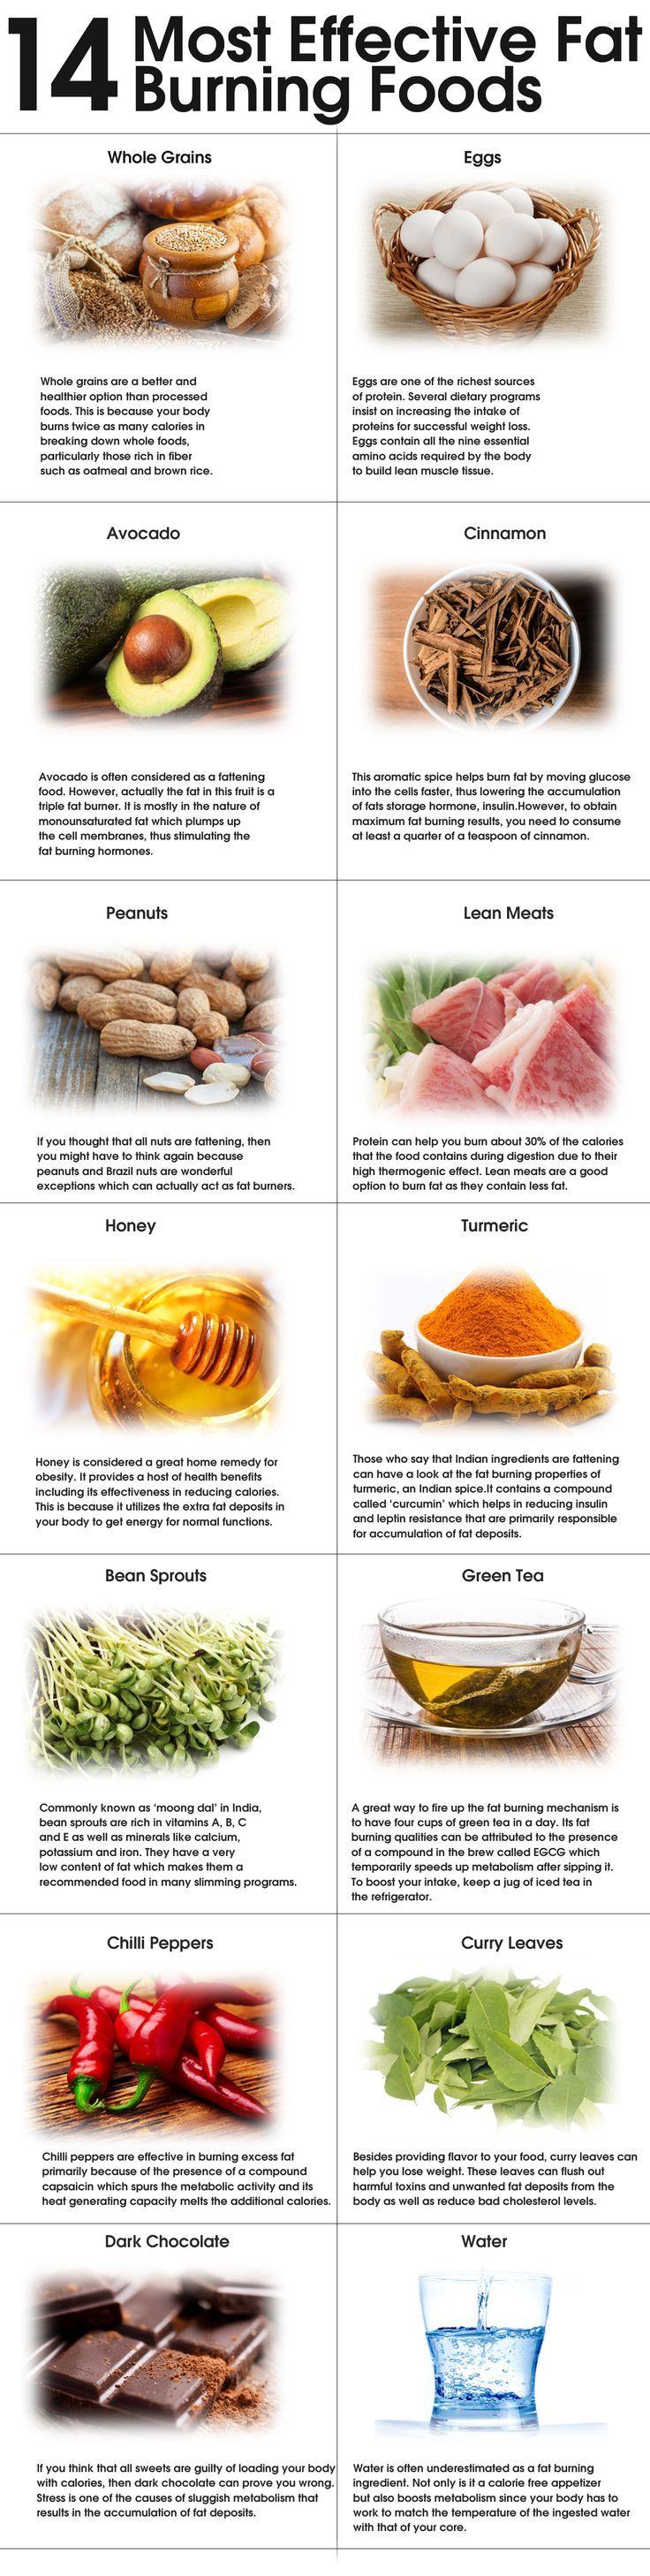 Purchase phentermine diet pills photo 1